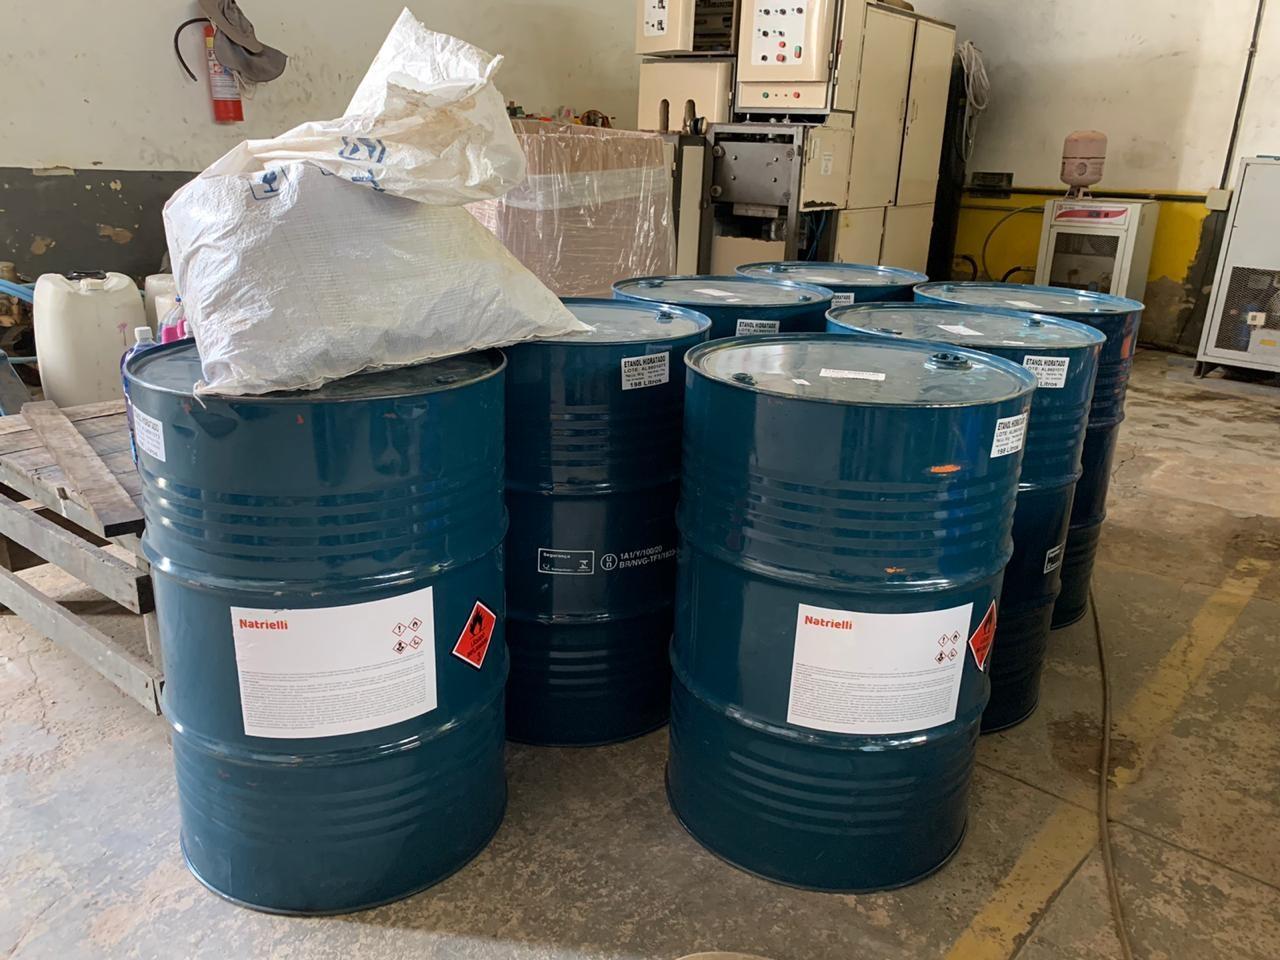 Após denúncia, Vigilância e Procon fazem apreensão de mais de 200 litros de álcool em fábrica no AC